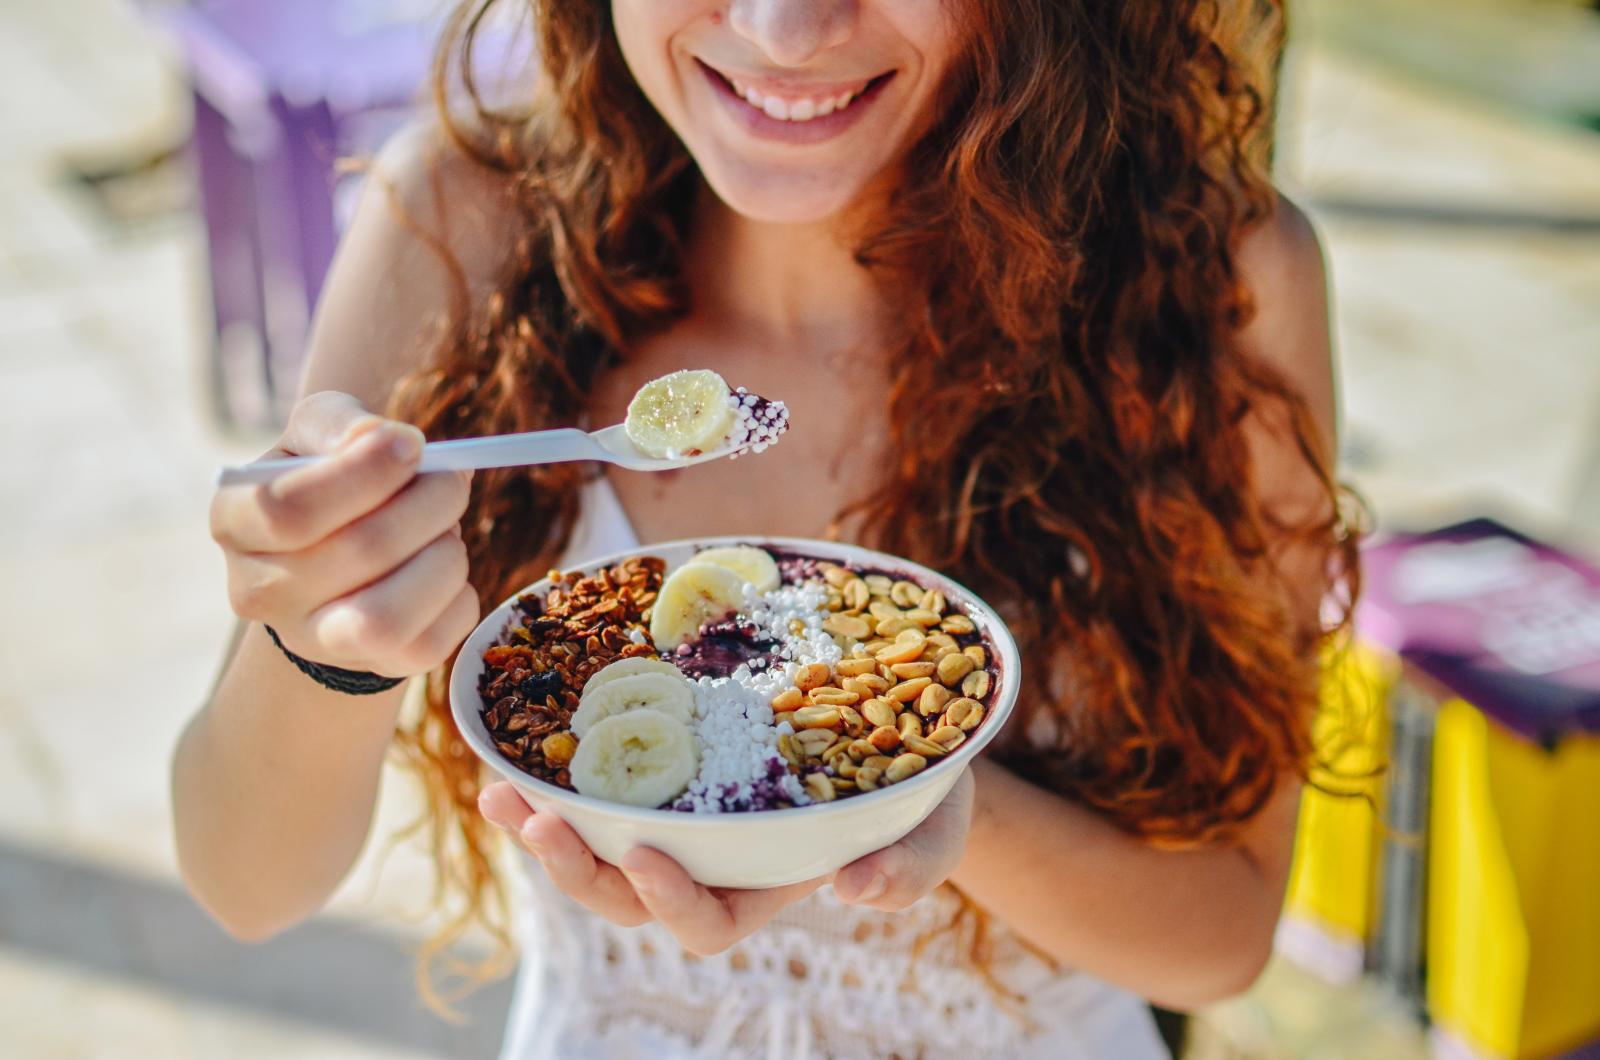 Zašto ne skuhati zobene pahuljice na mlijeku i dodati im voće, sjemenke, začine…?